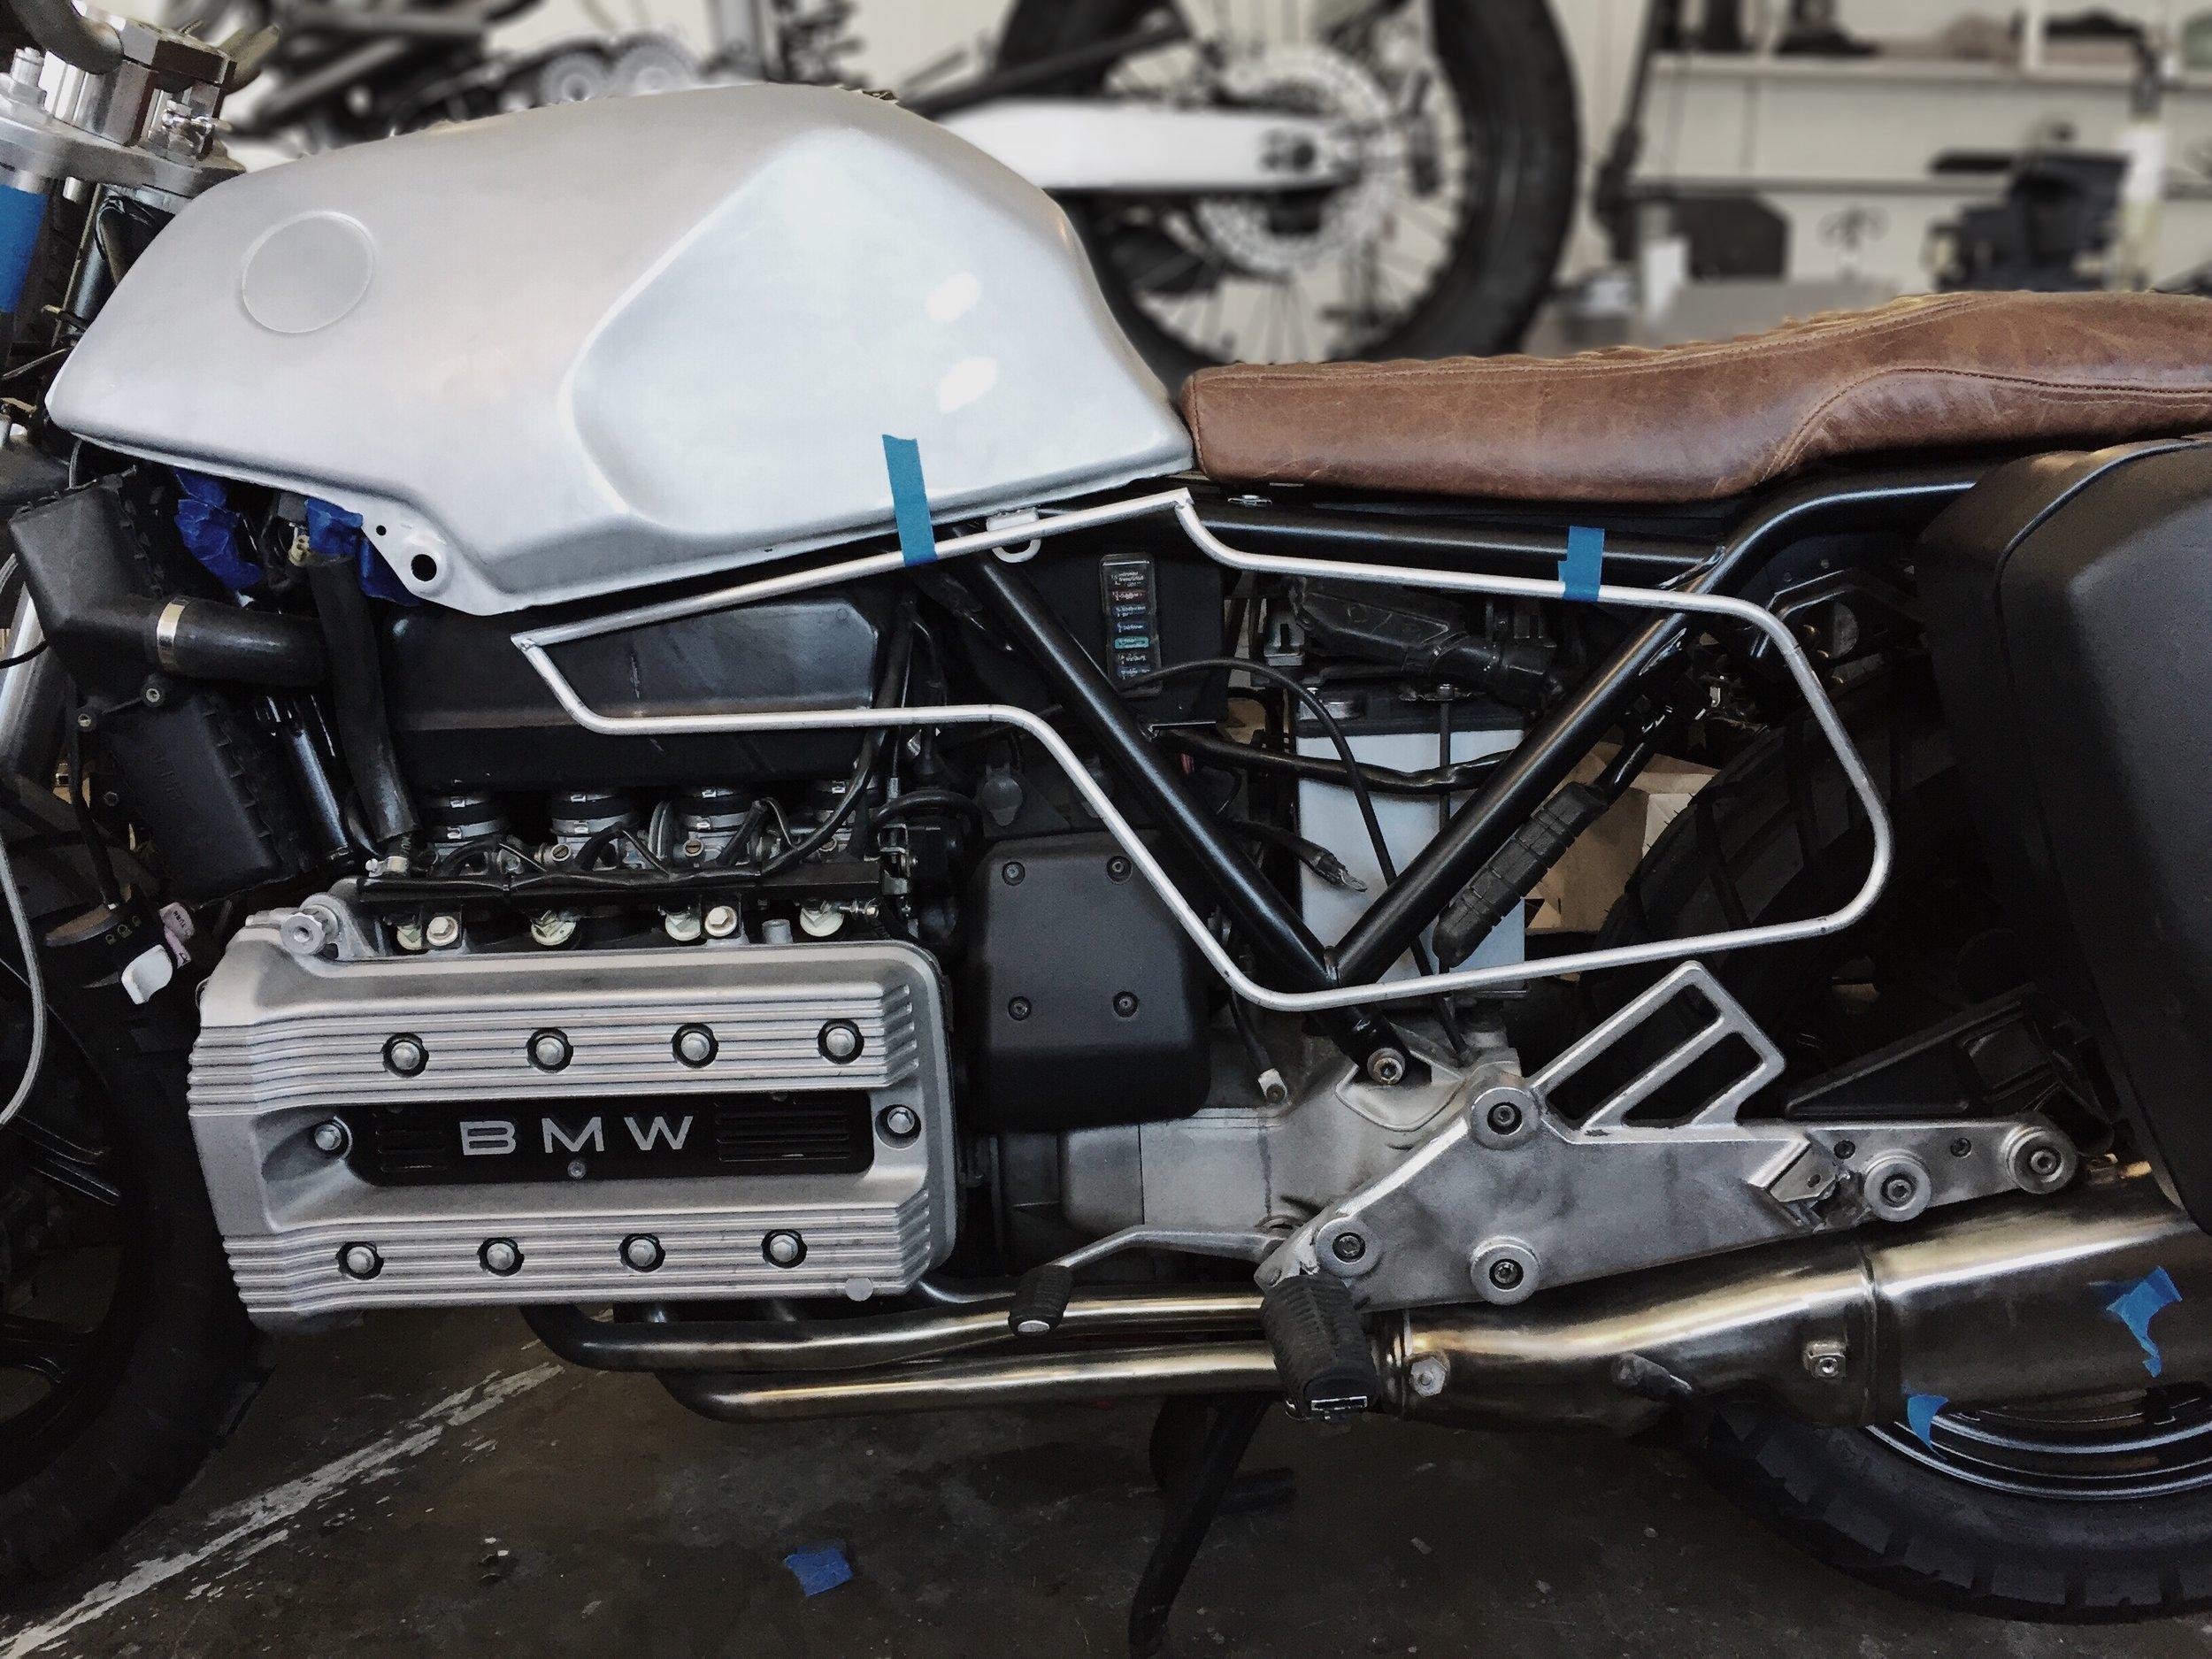 Moto-Mucci_BMW_K100_Custom_Side_Covers (4).JPG